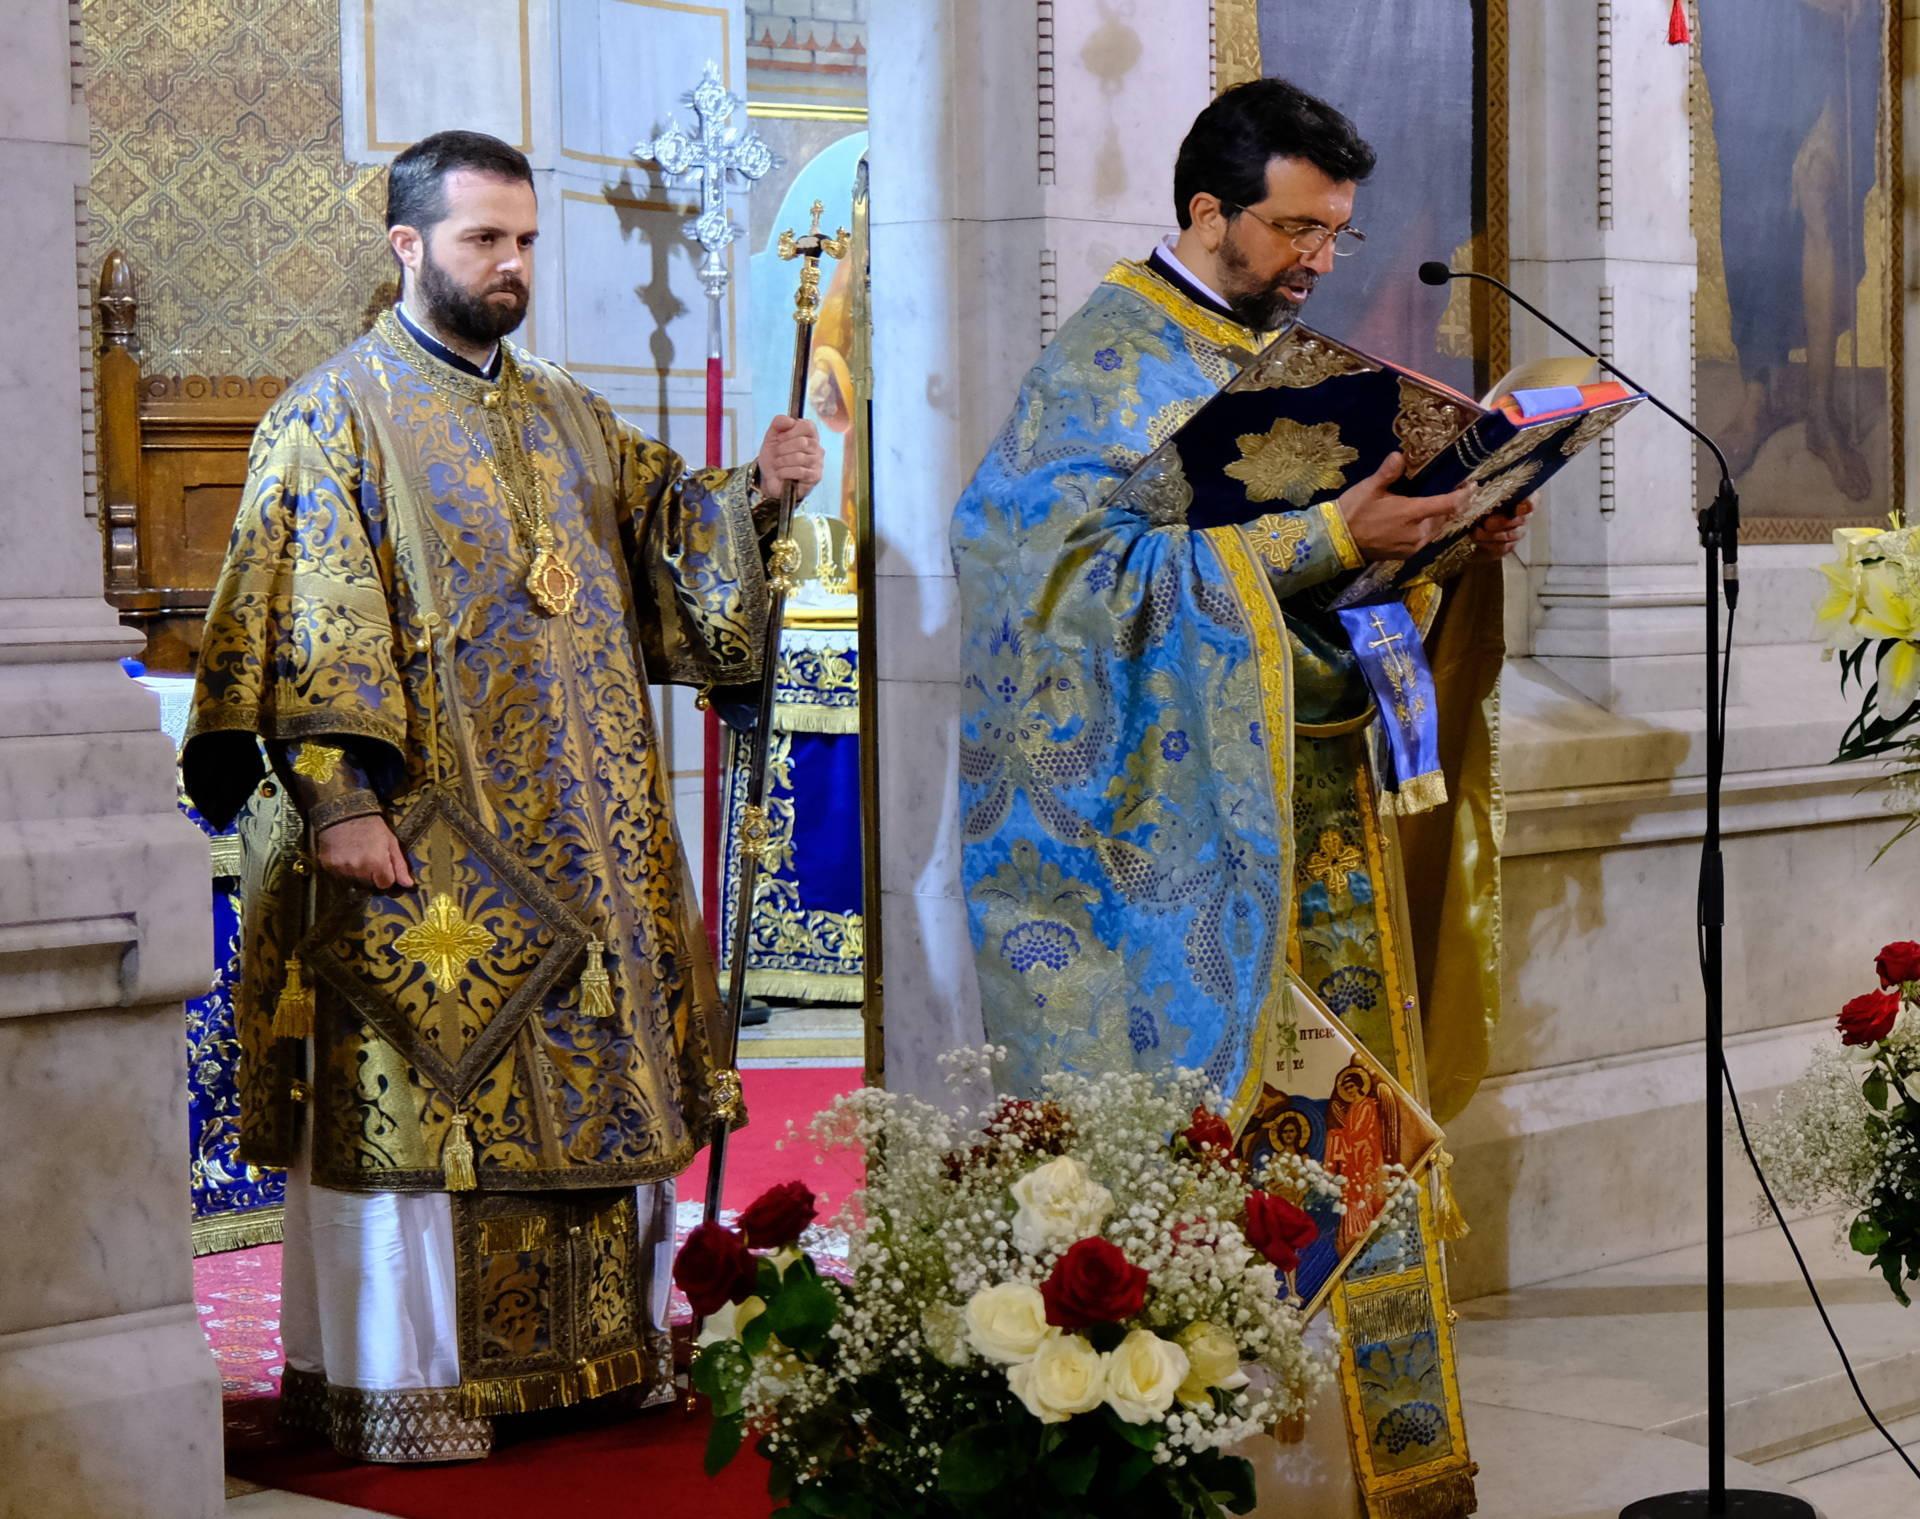 DSCF3213  - Οι Έλληνες του Παρισιού εόρτασαν τα Θεοφάνεια (φωτο)